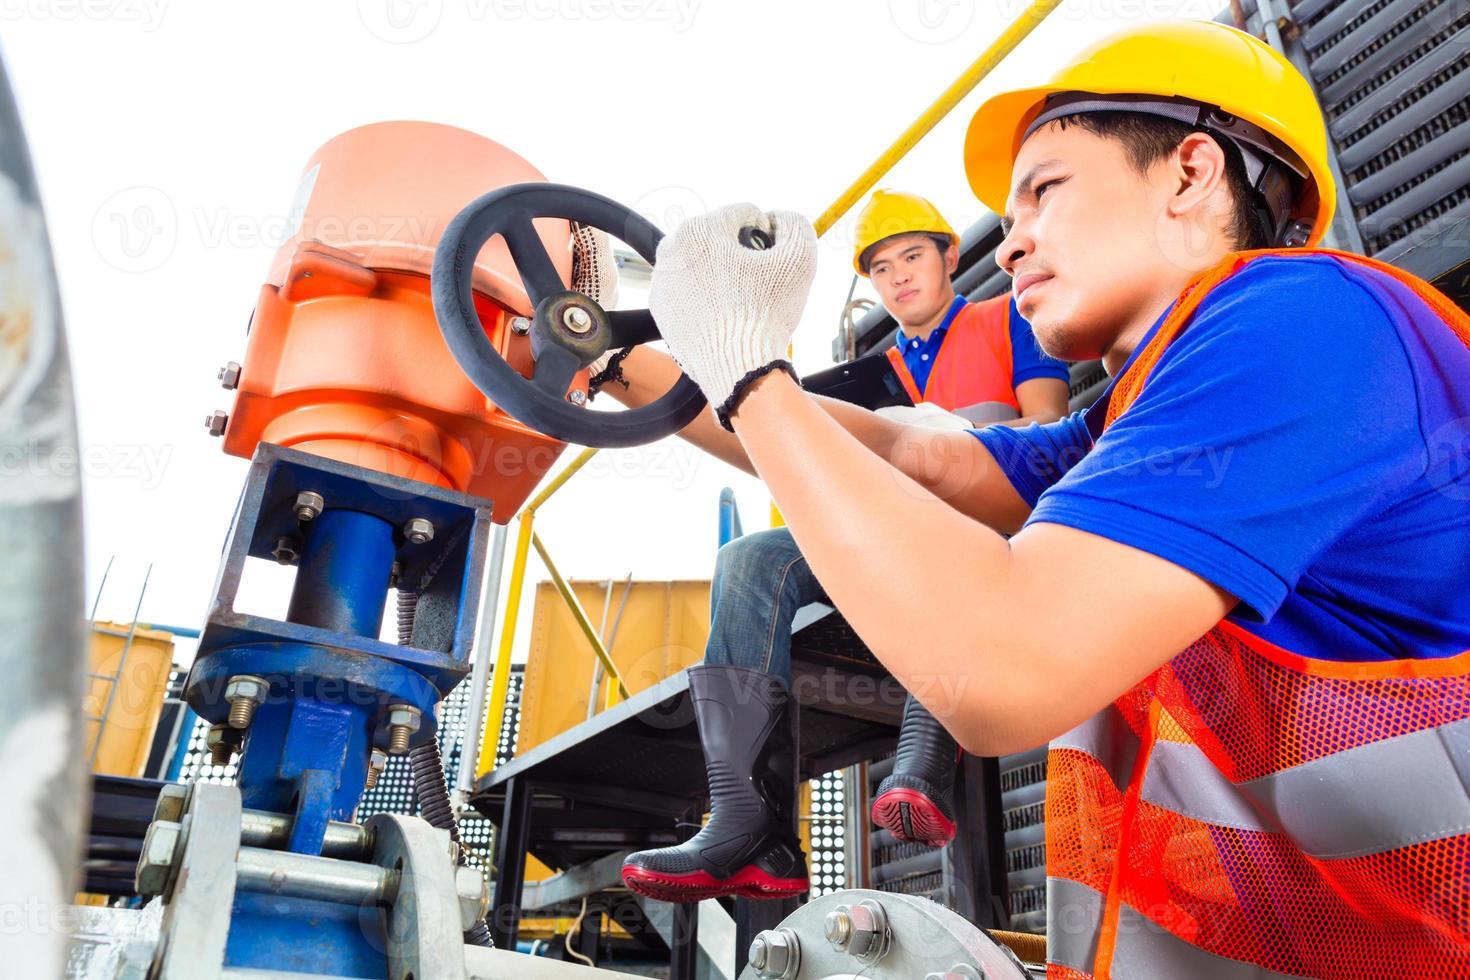 techniciens travaillant sur la vanne en usine ou en service public photo